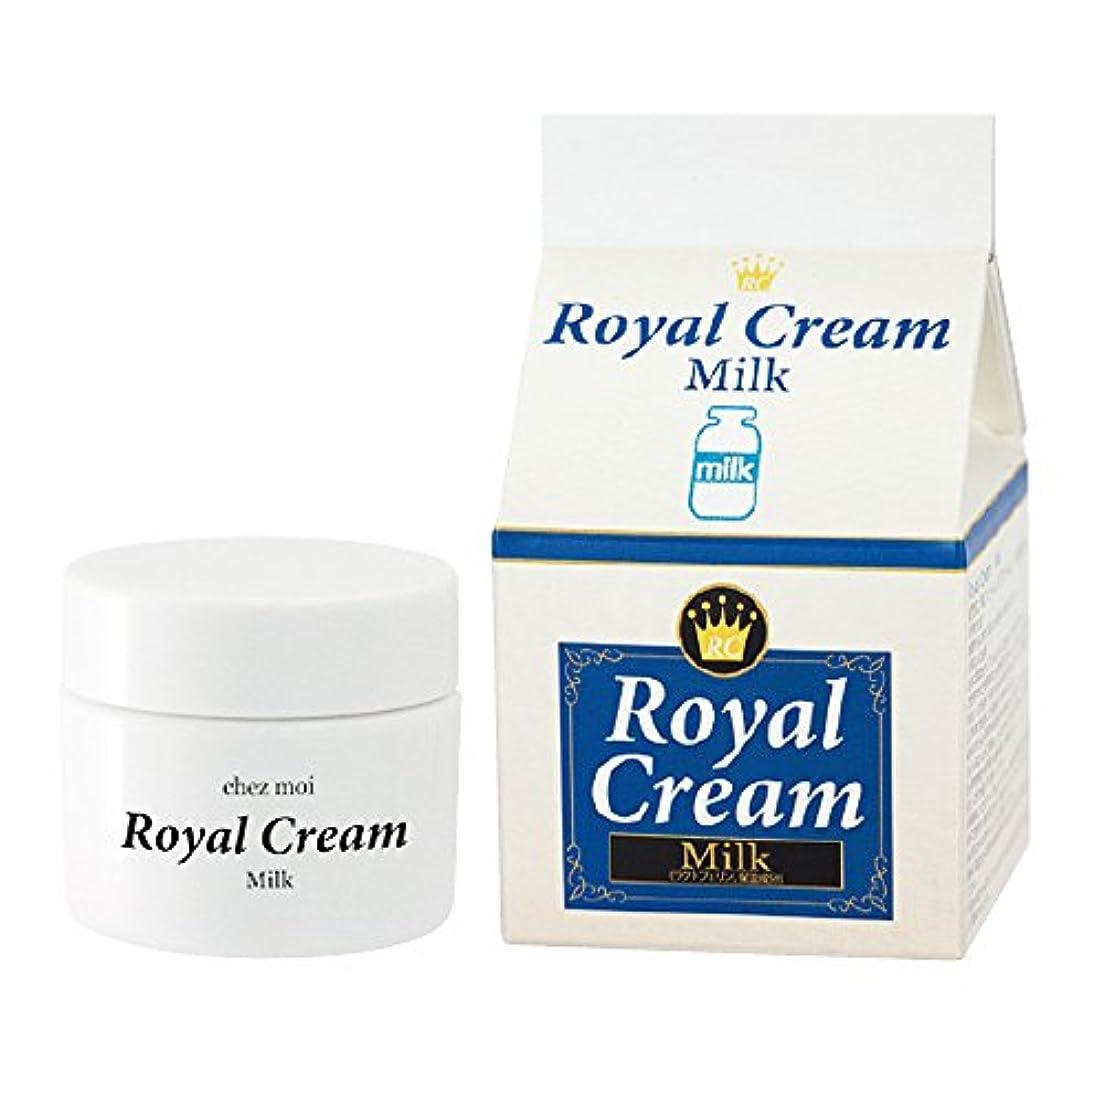 二十真夜中謝罪Royal Cream(ロイヤルクリーム) Milk(ミルク) 30g